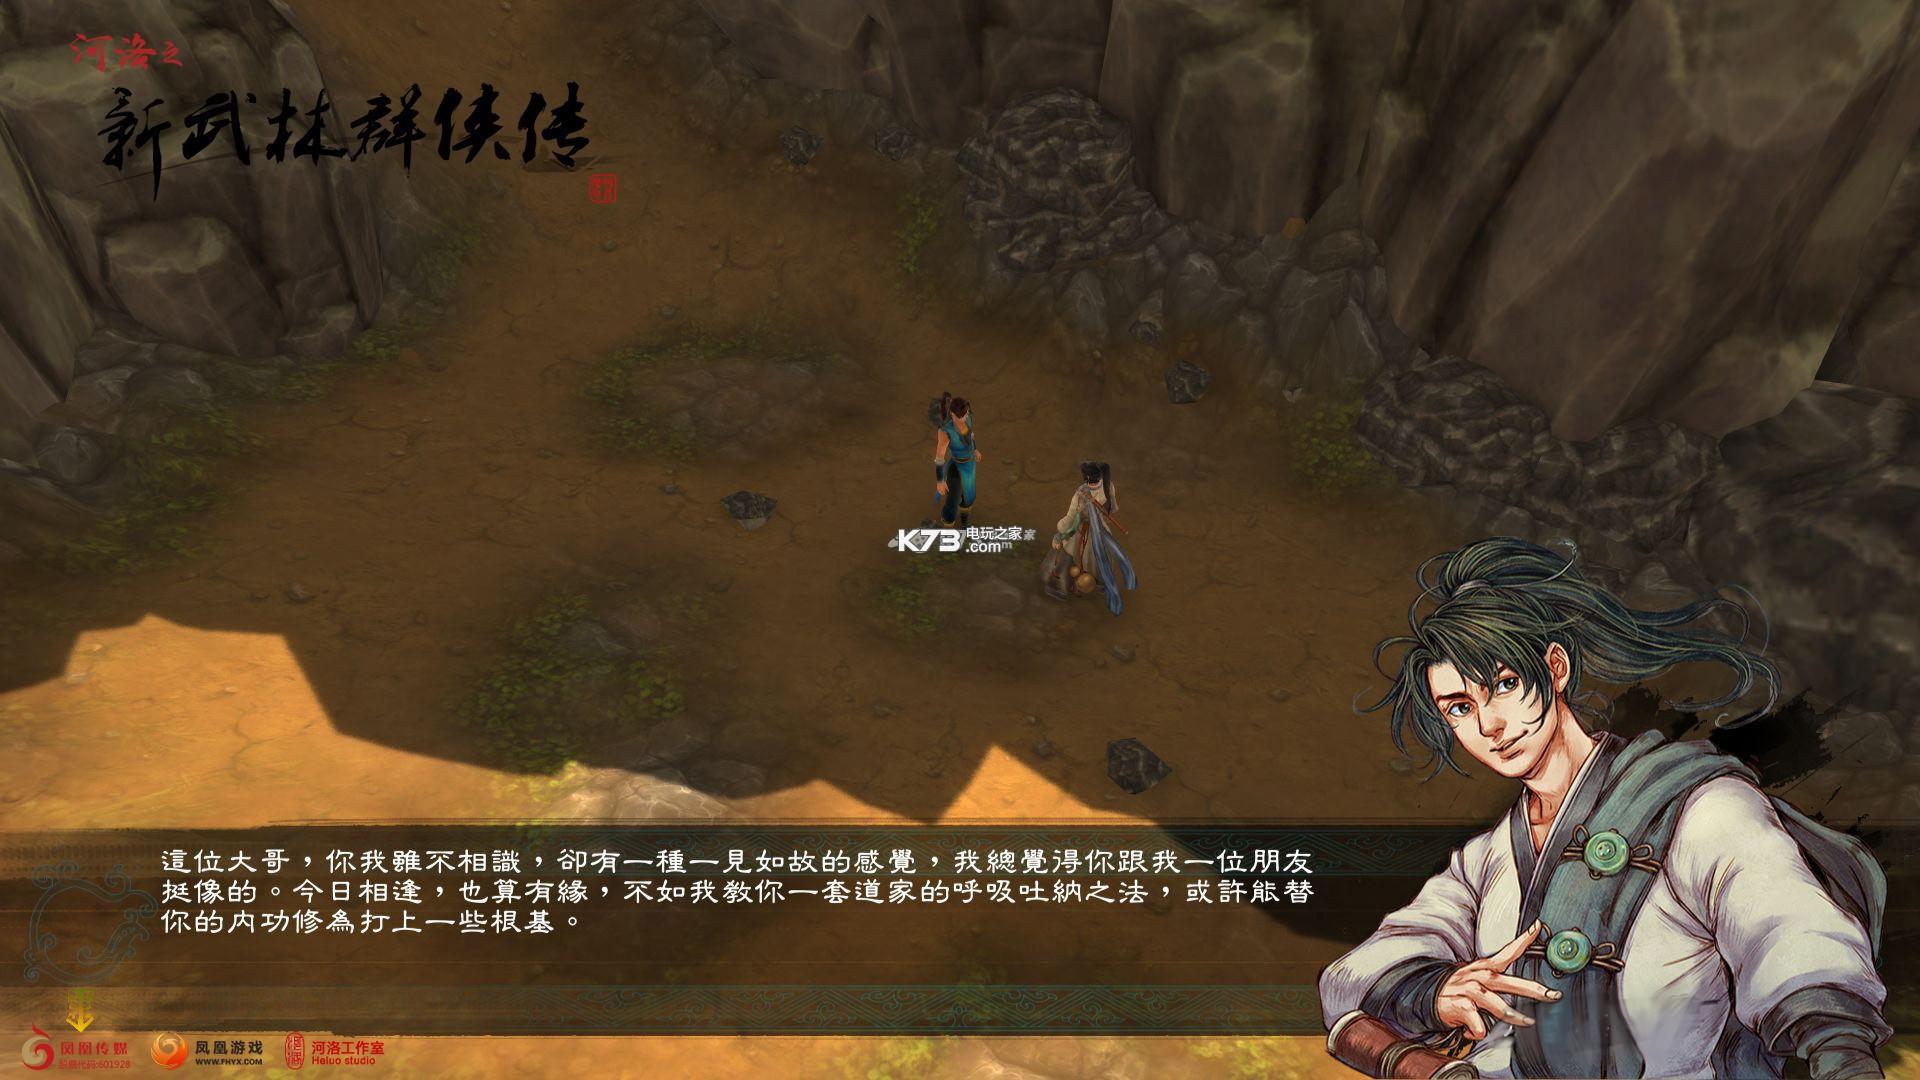 侠客风云传碧血丹心 v1.0.2.7 纯净mod下载 截图